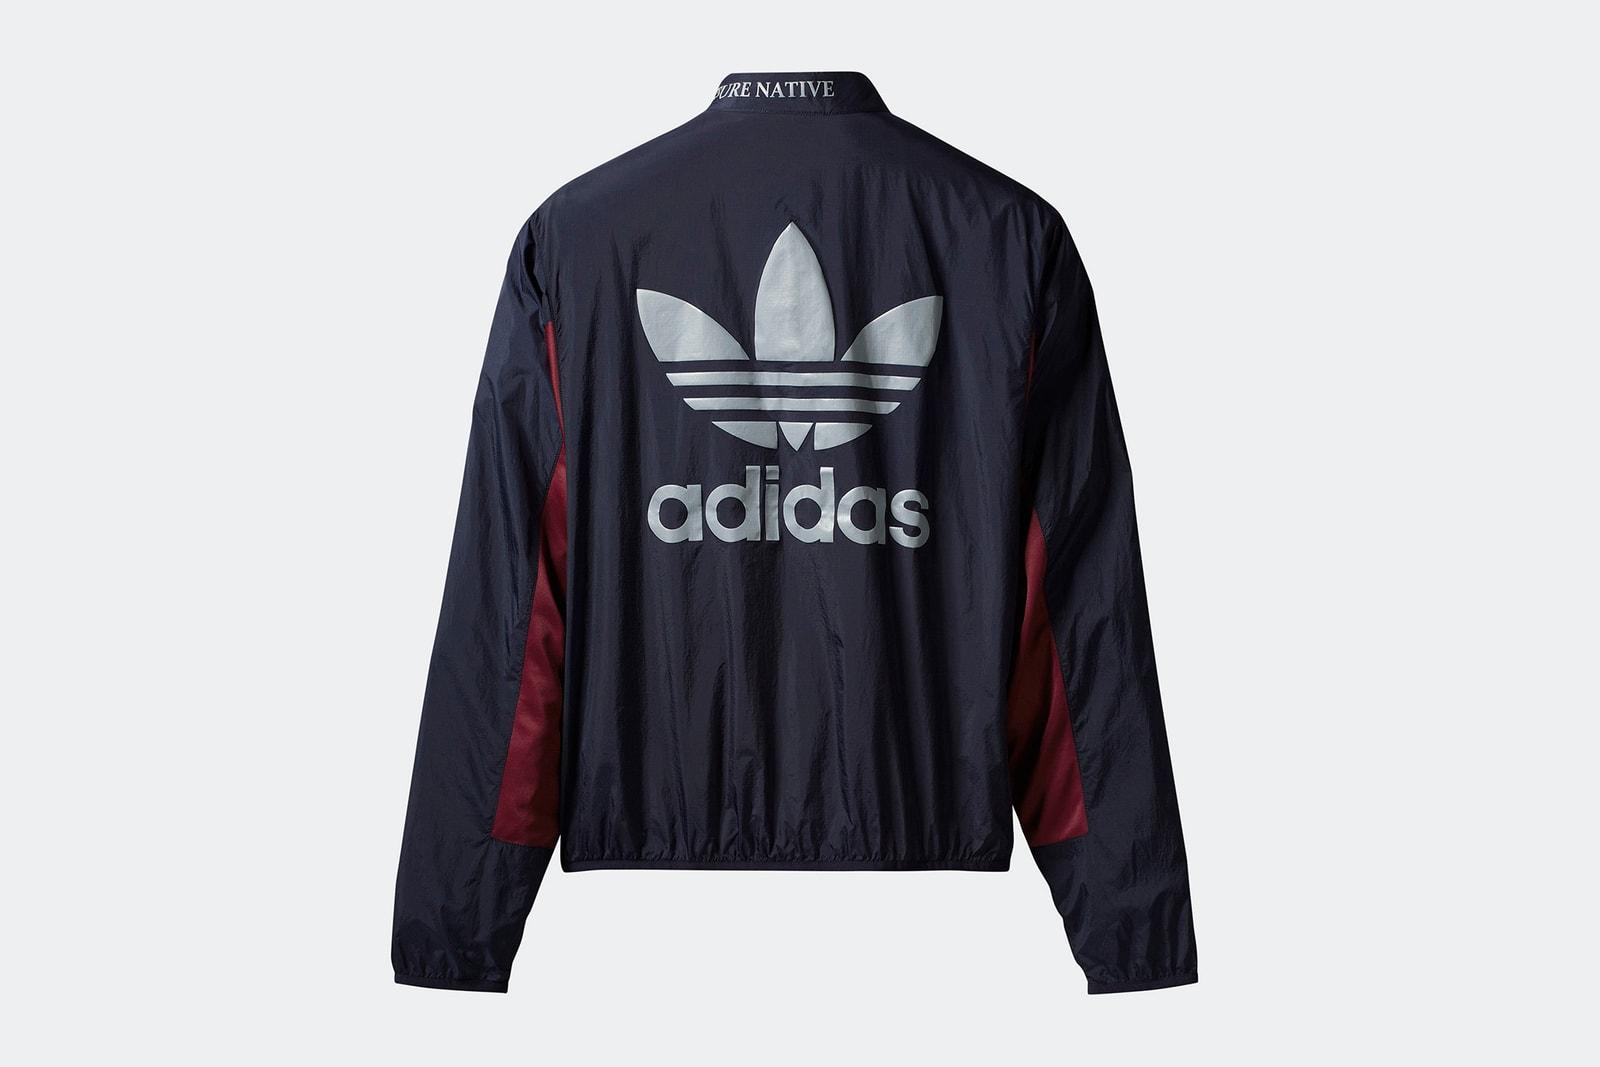 アディダス オリジナルス バイ ベッドフォード adidas Originals by BED j.w. FORD 取扱 オンライン ウインドブレーカー トラックパンツ フットボールジャージー adidas Kamanda Crazy BYW Korsika